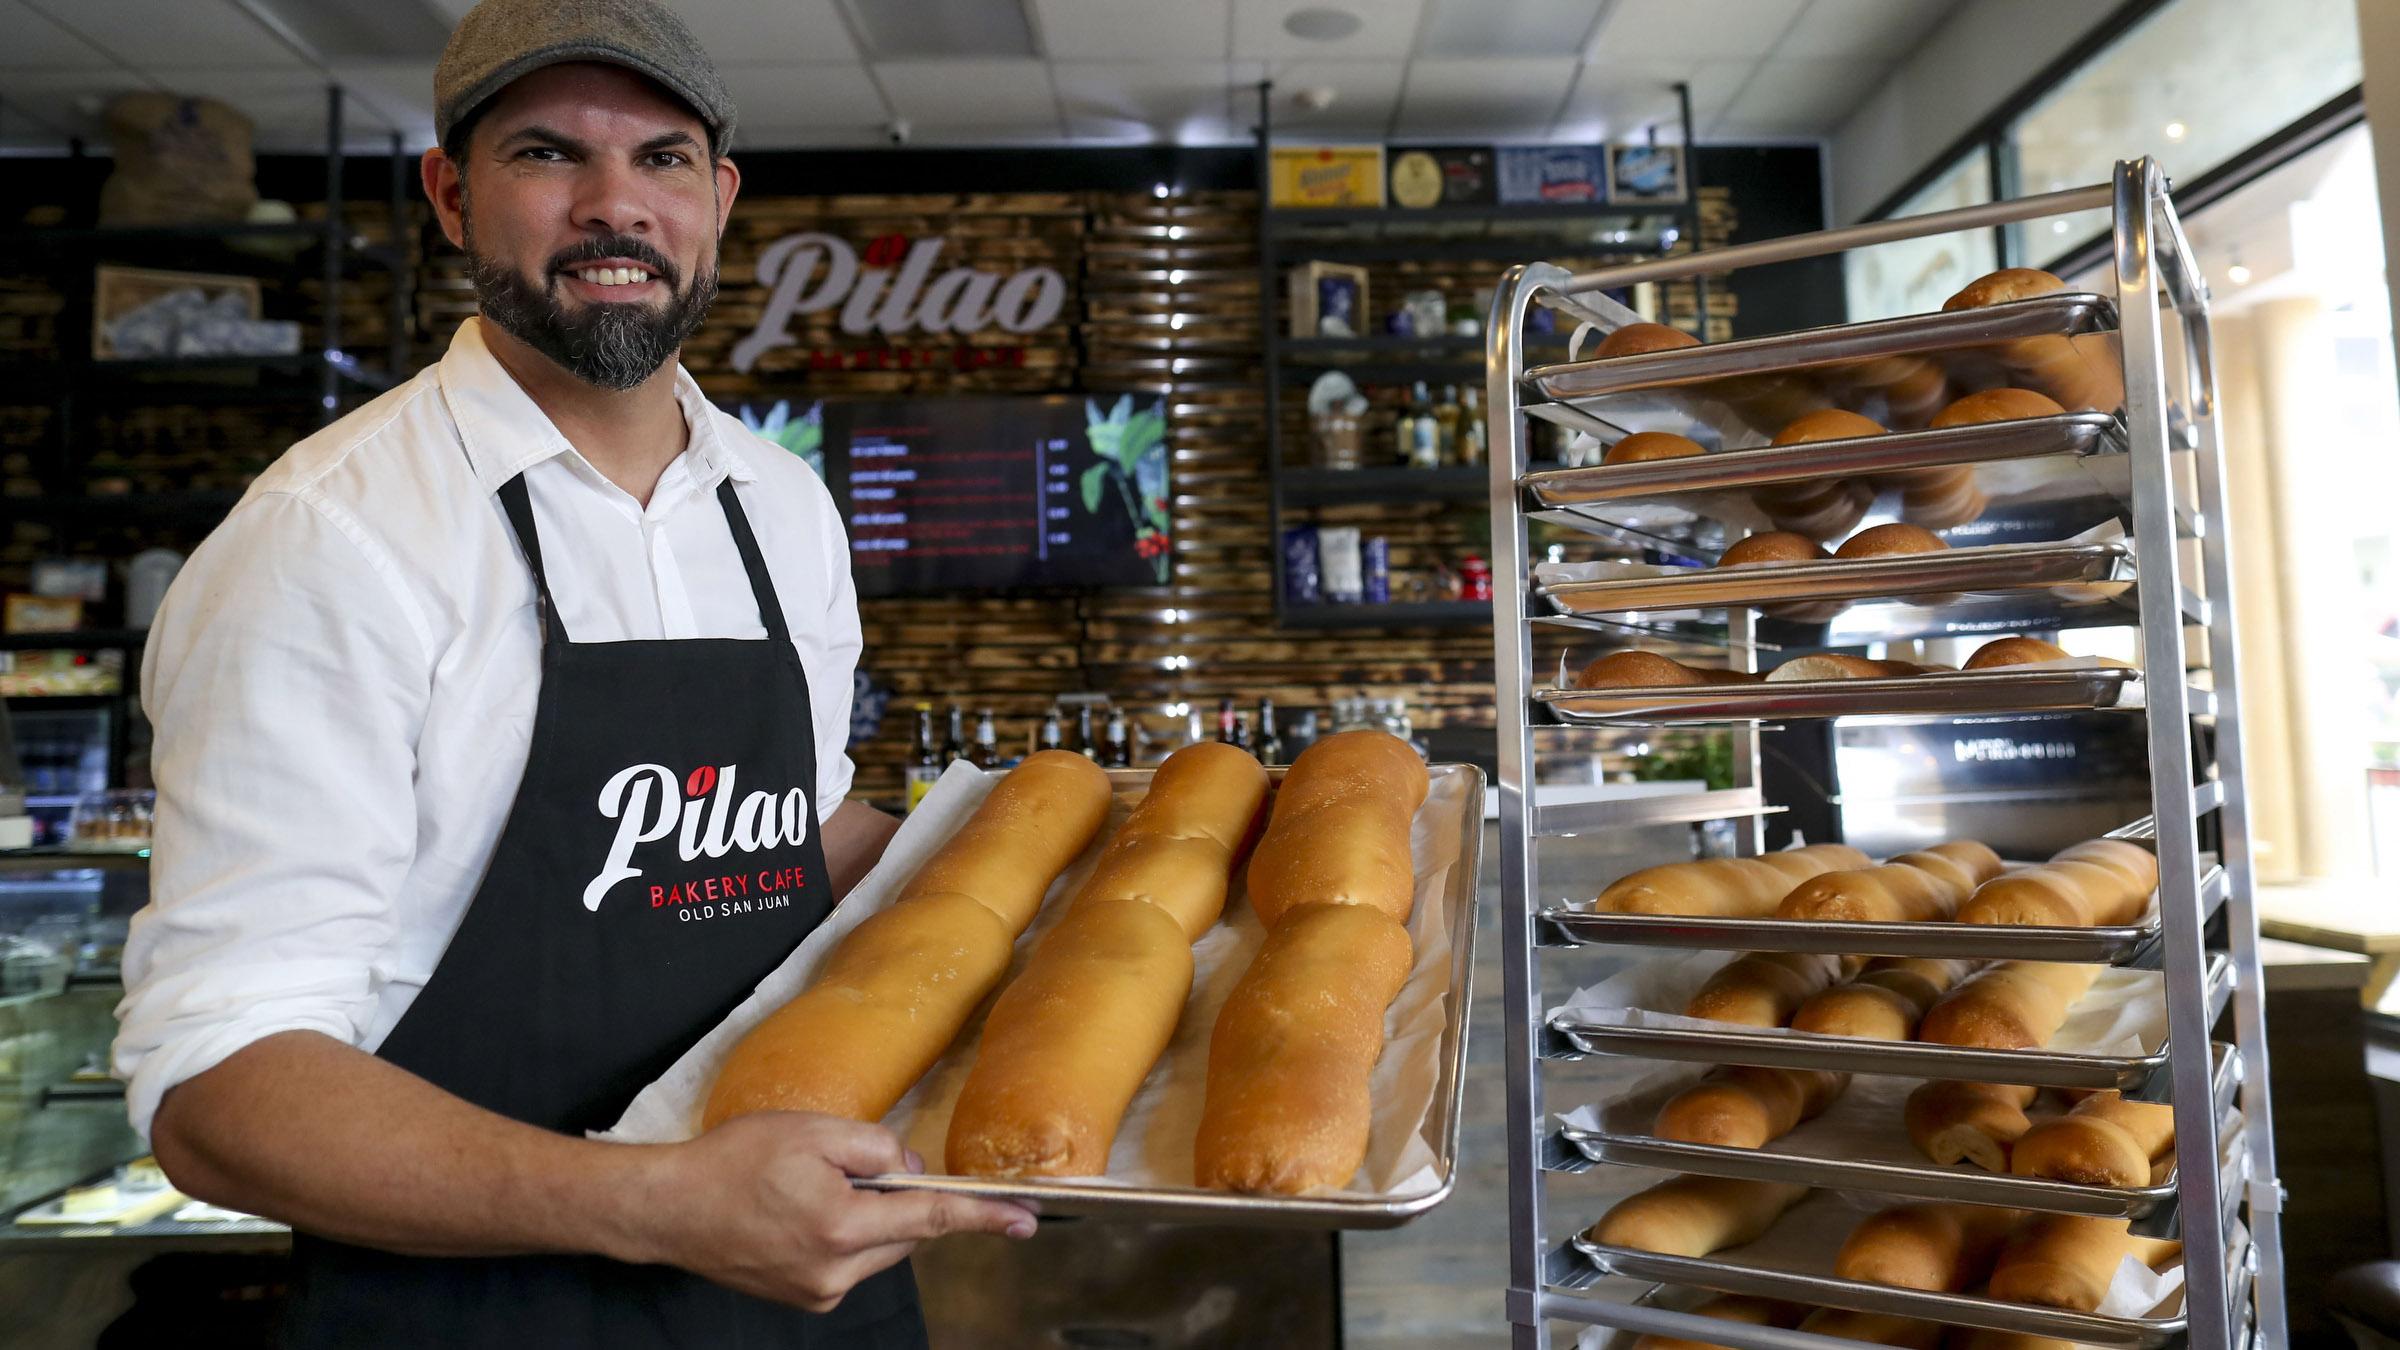 Así se ve Pilao, la nueva panadería del Viejo San Juan